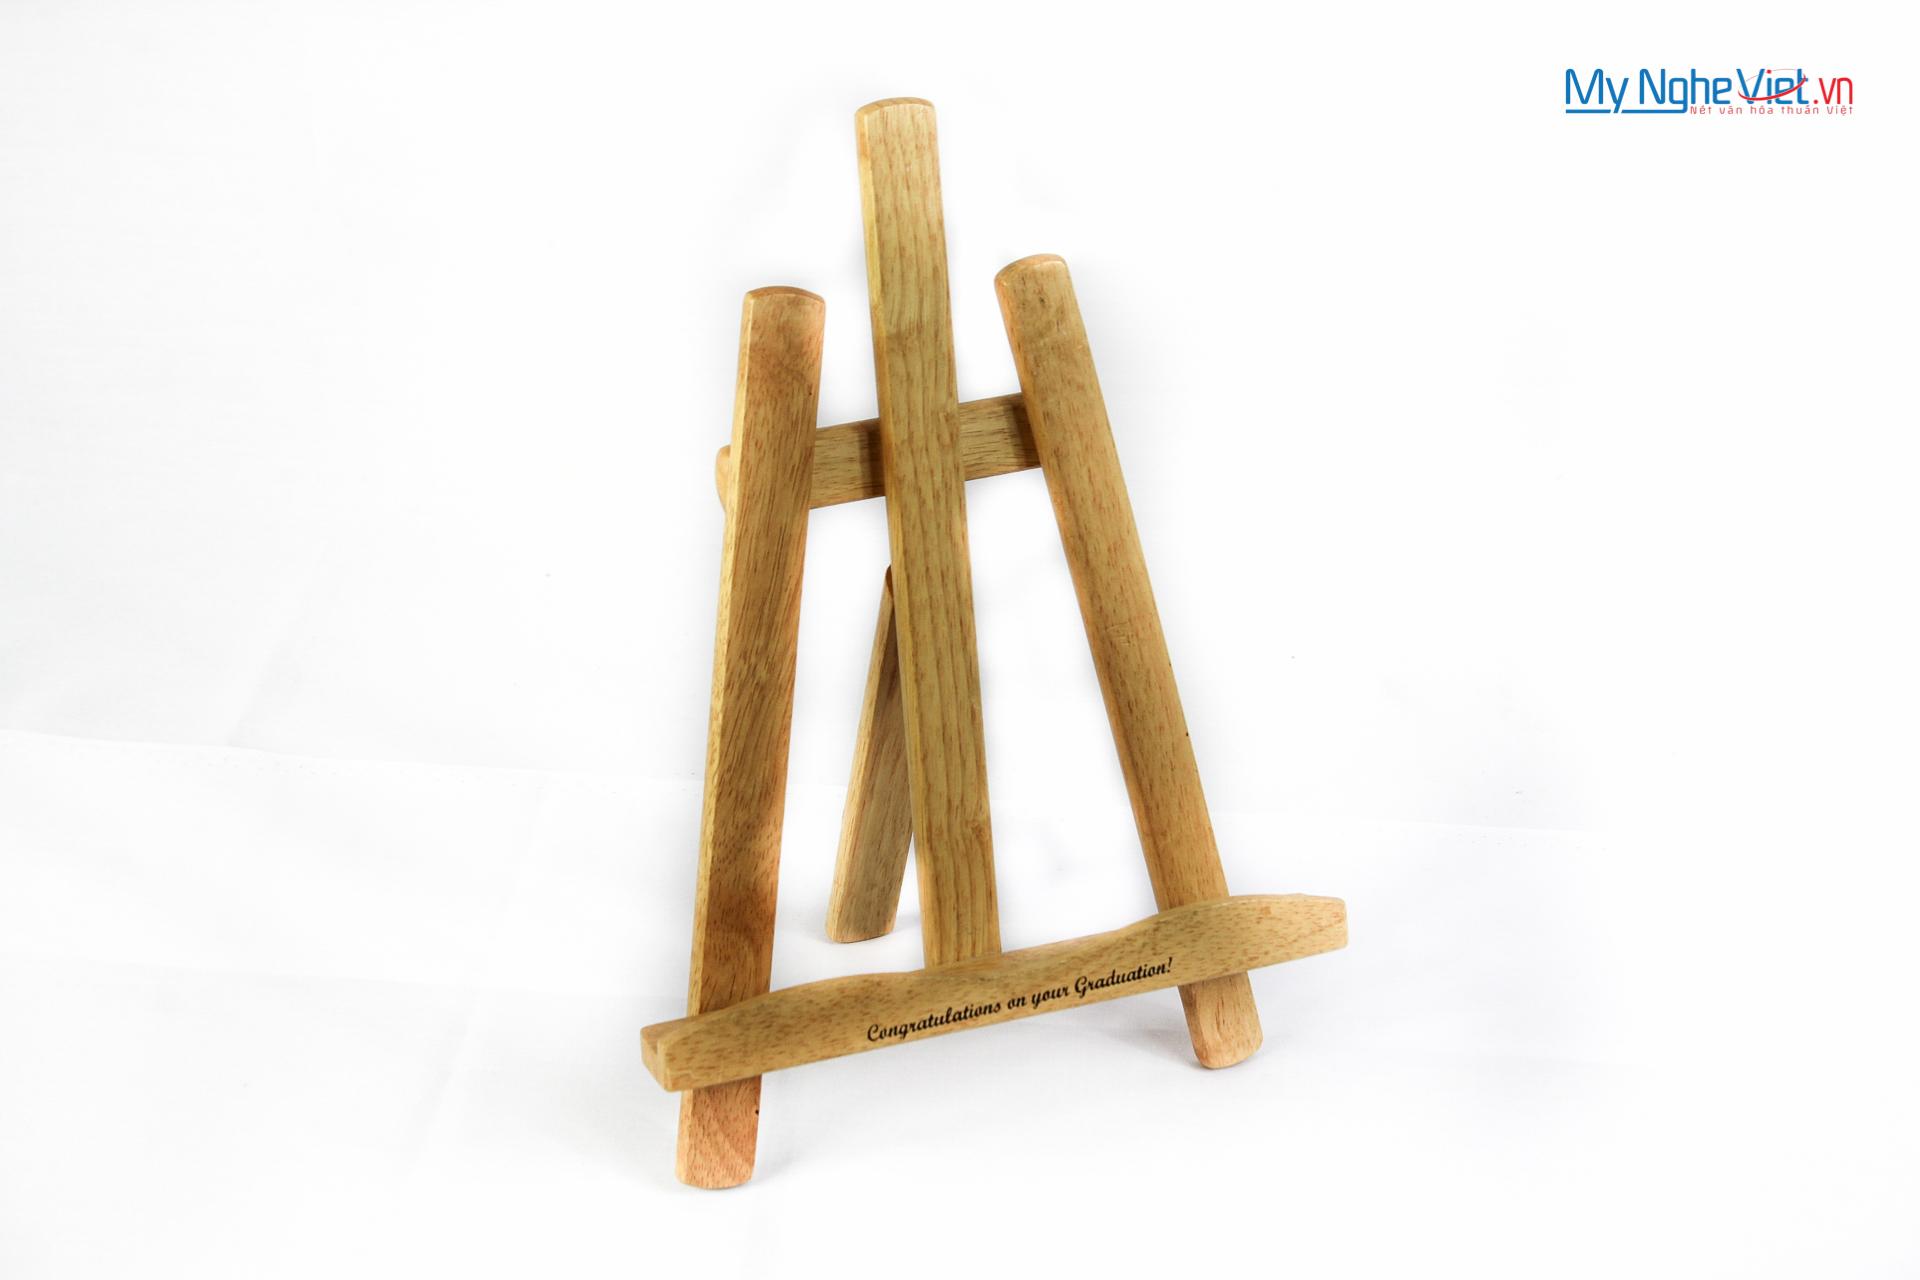 Giá gỗ để sách MNV-GS02 (Cỡ nhỏ)